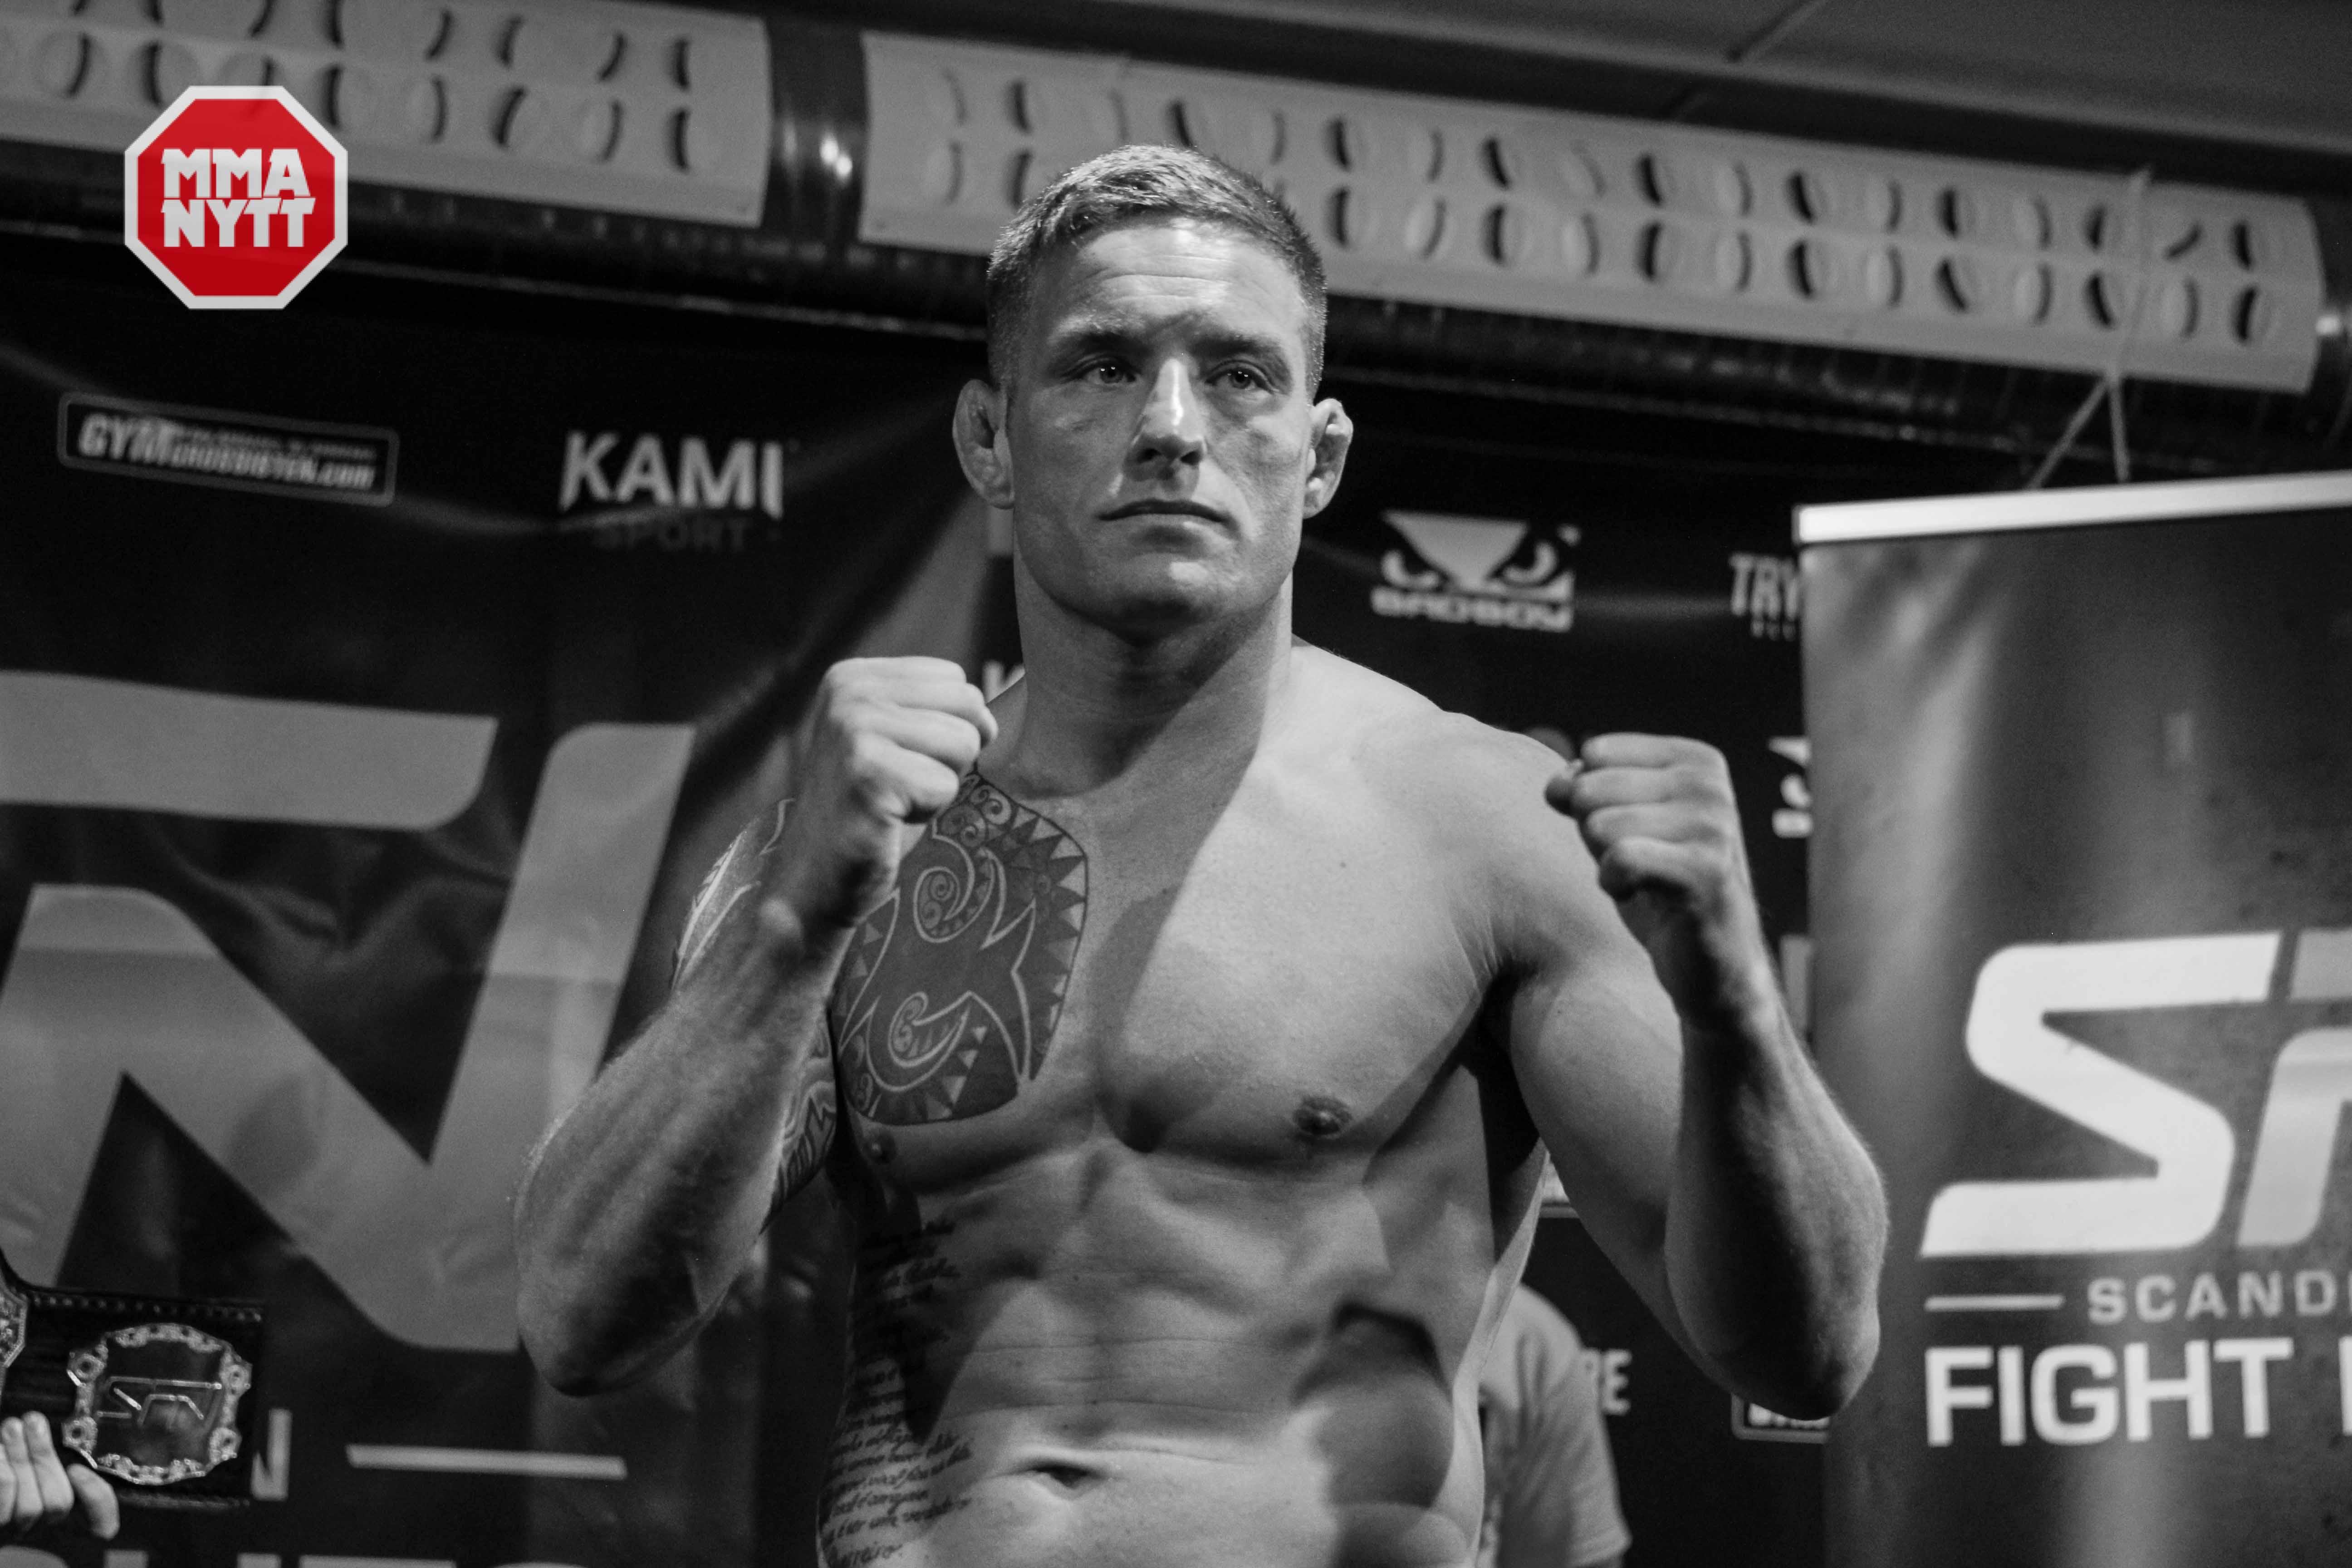 UFC-veteranen David Bielkheden tar hem organisationens welterviktsbälte - mot en motståndare som har gått en tredjedel så många matcher. Foto: Mazdak Cavian